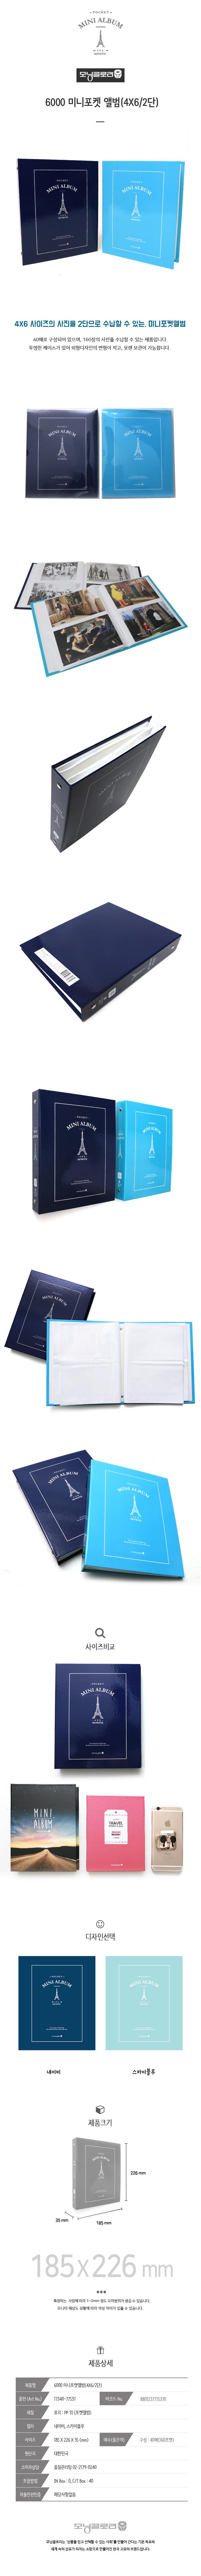 6000 미니포켓앨범(4X6 2단) - 모닝글로리, 4,800원, 포켓앨범, 심플